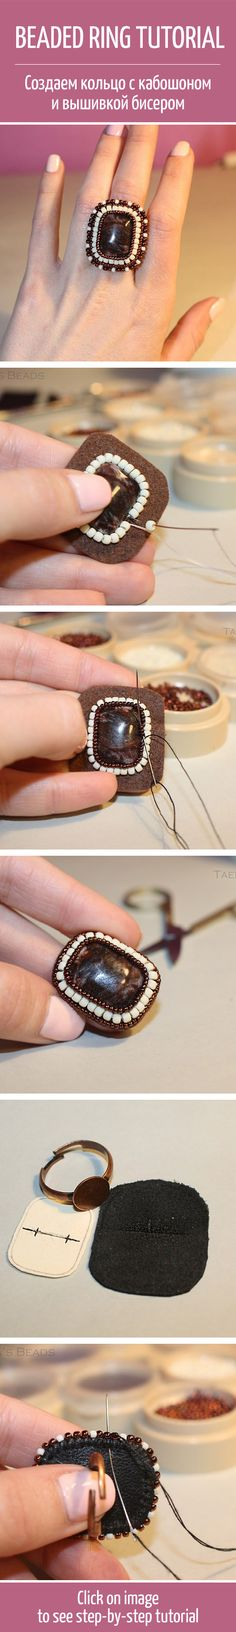 Beaded ring tutorial #handmade #art #design  /  Создаем кольцо с кабошоном и вышивкой бисером